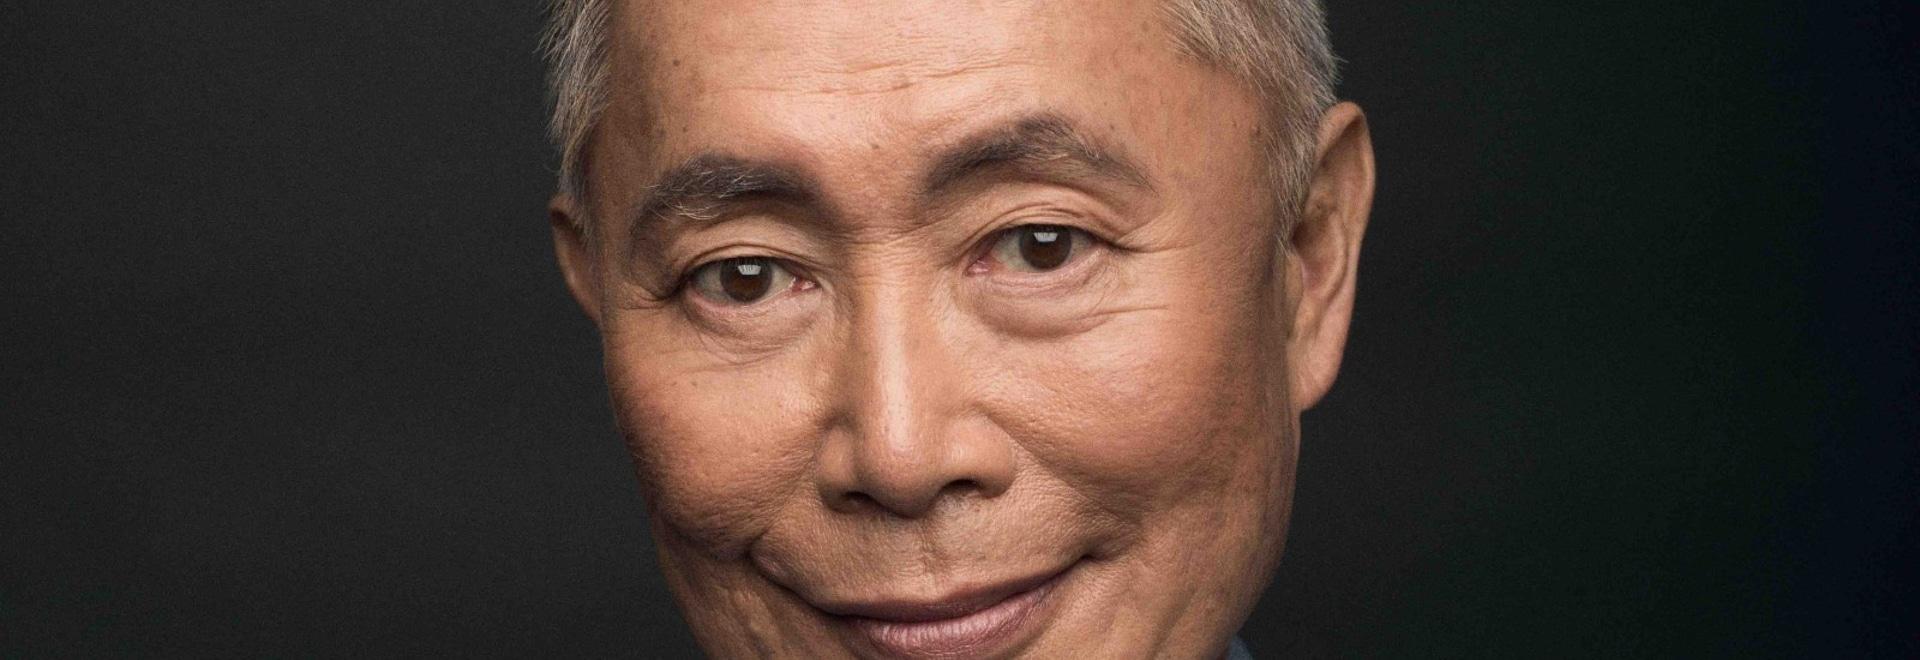 George Takei obtient un examen médical d'Espace-âge